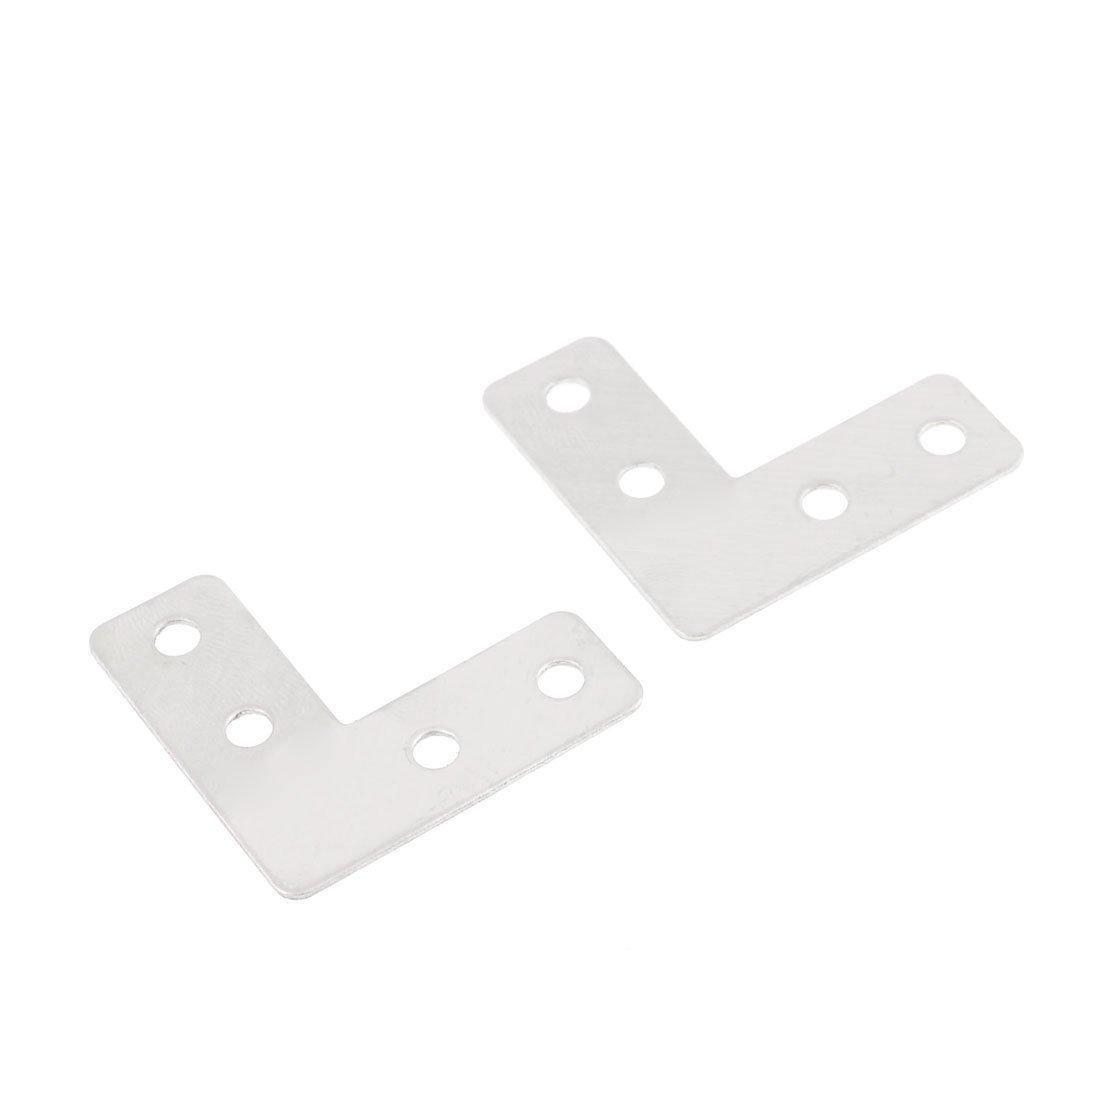 eDealMax 2 piezas DE 40 mm x 40 mm en Forma de L 90 Grado Corner Bracket tono de Plata: Amazon.com: Industrial & Scientific